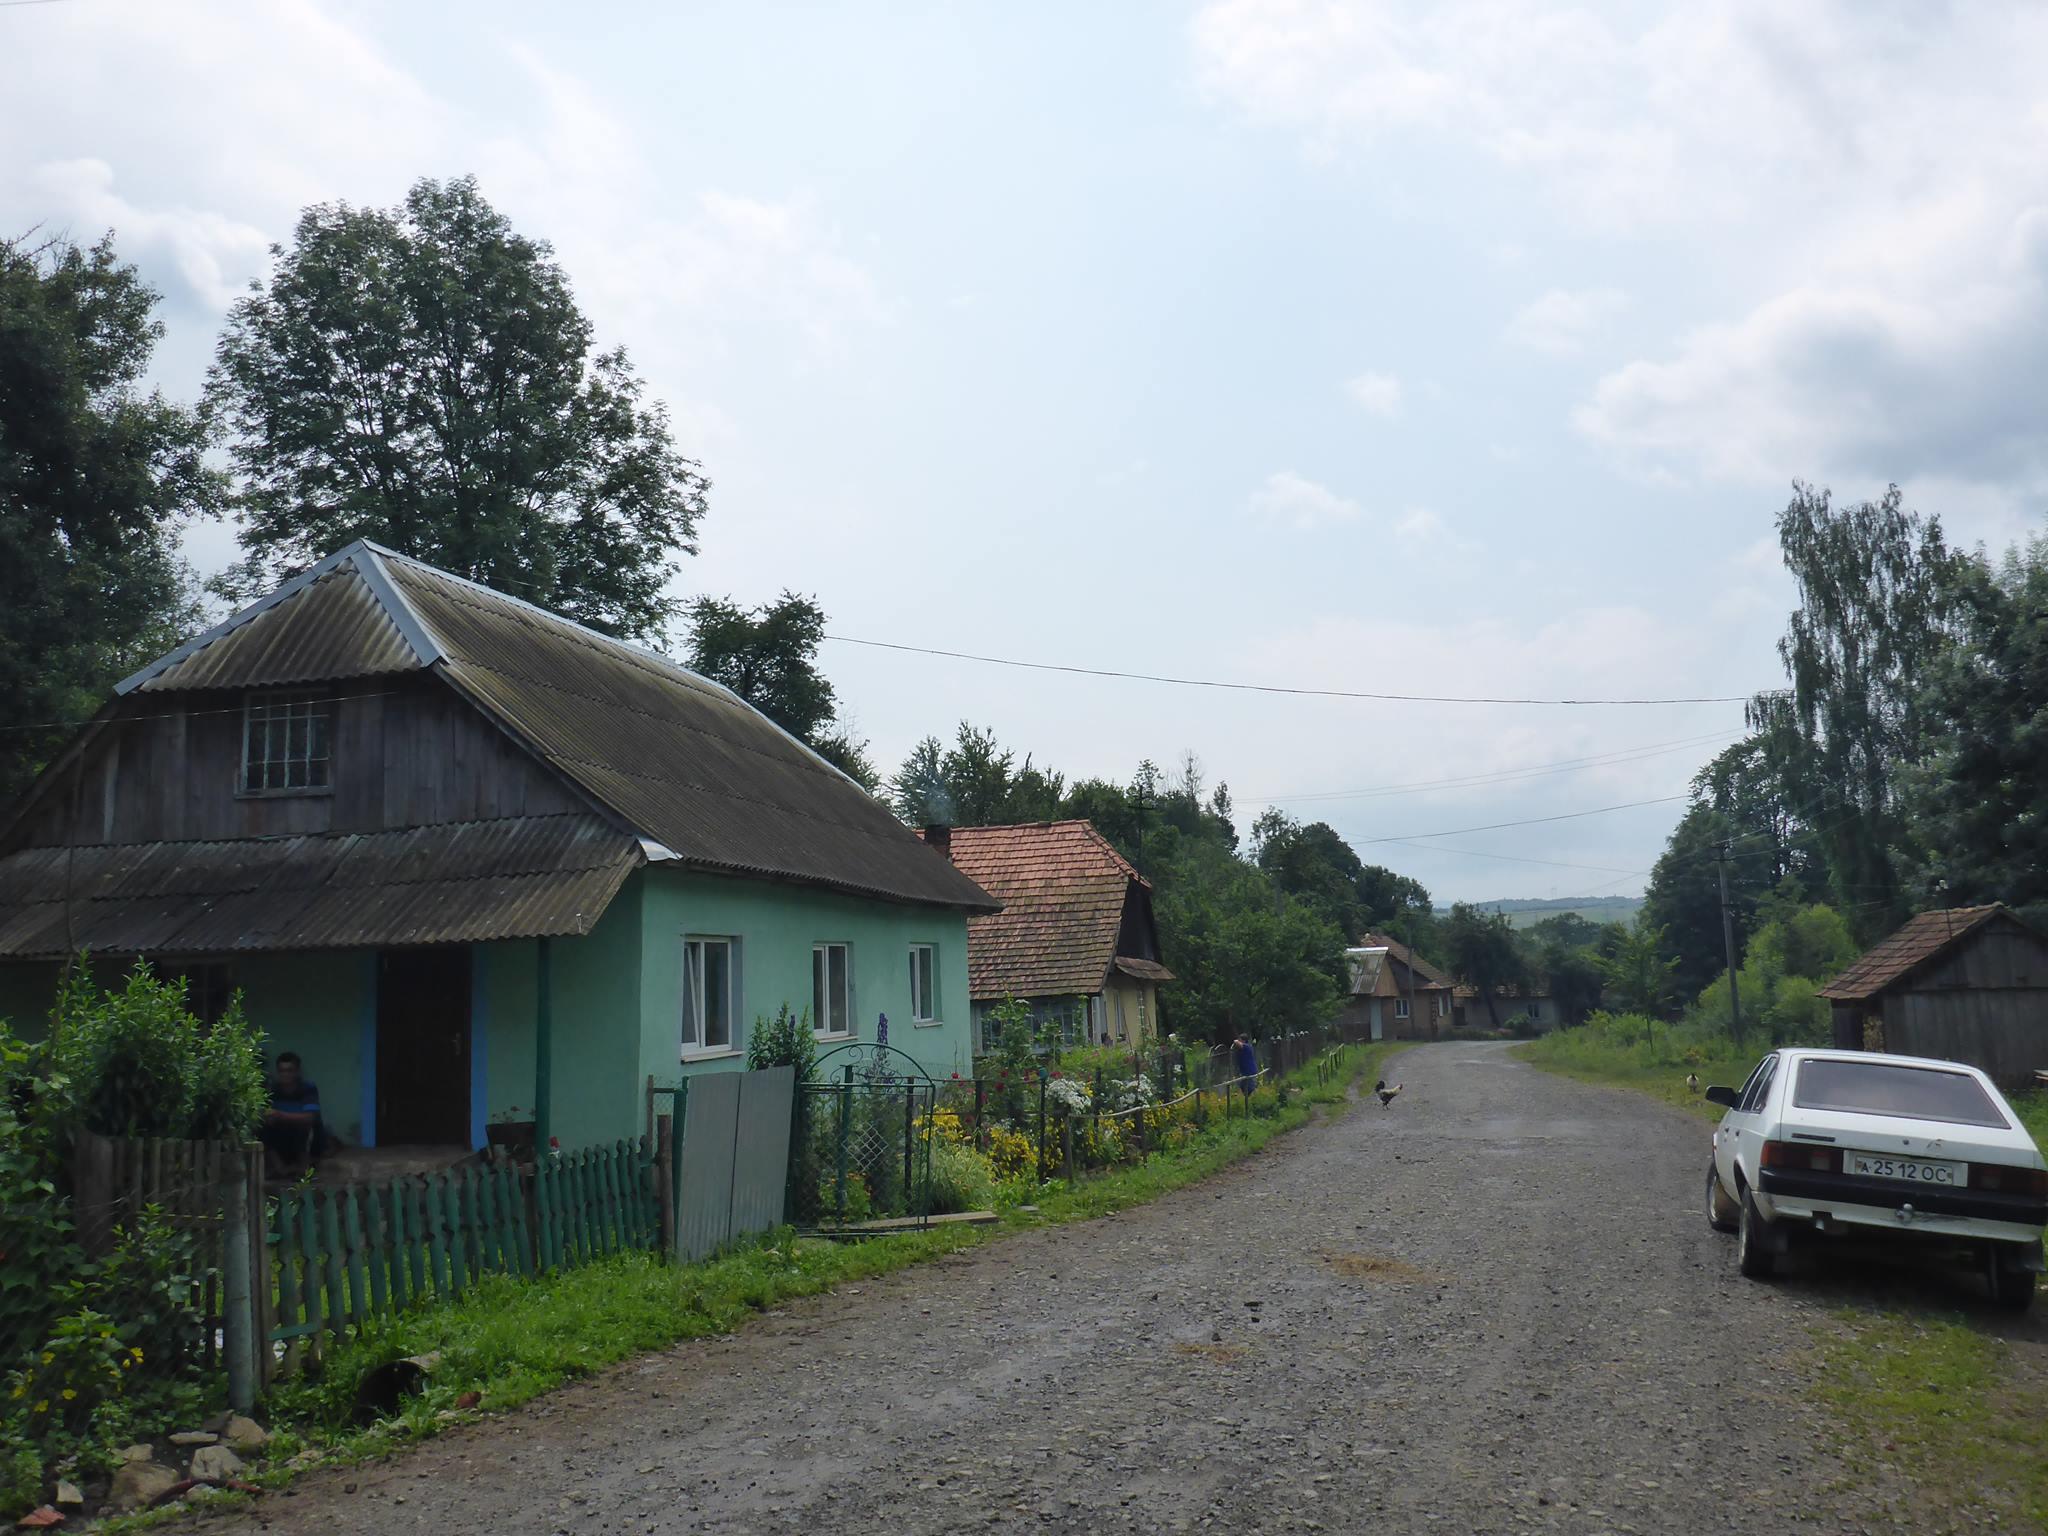 C'est un vrai plaisir de traverser les petits villages